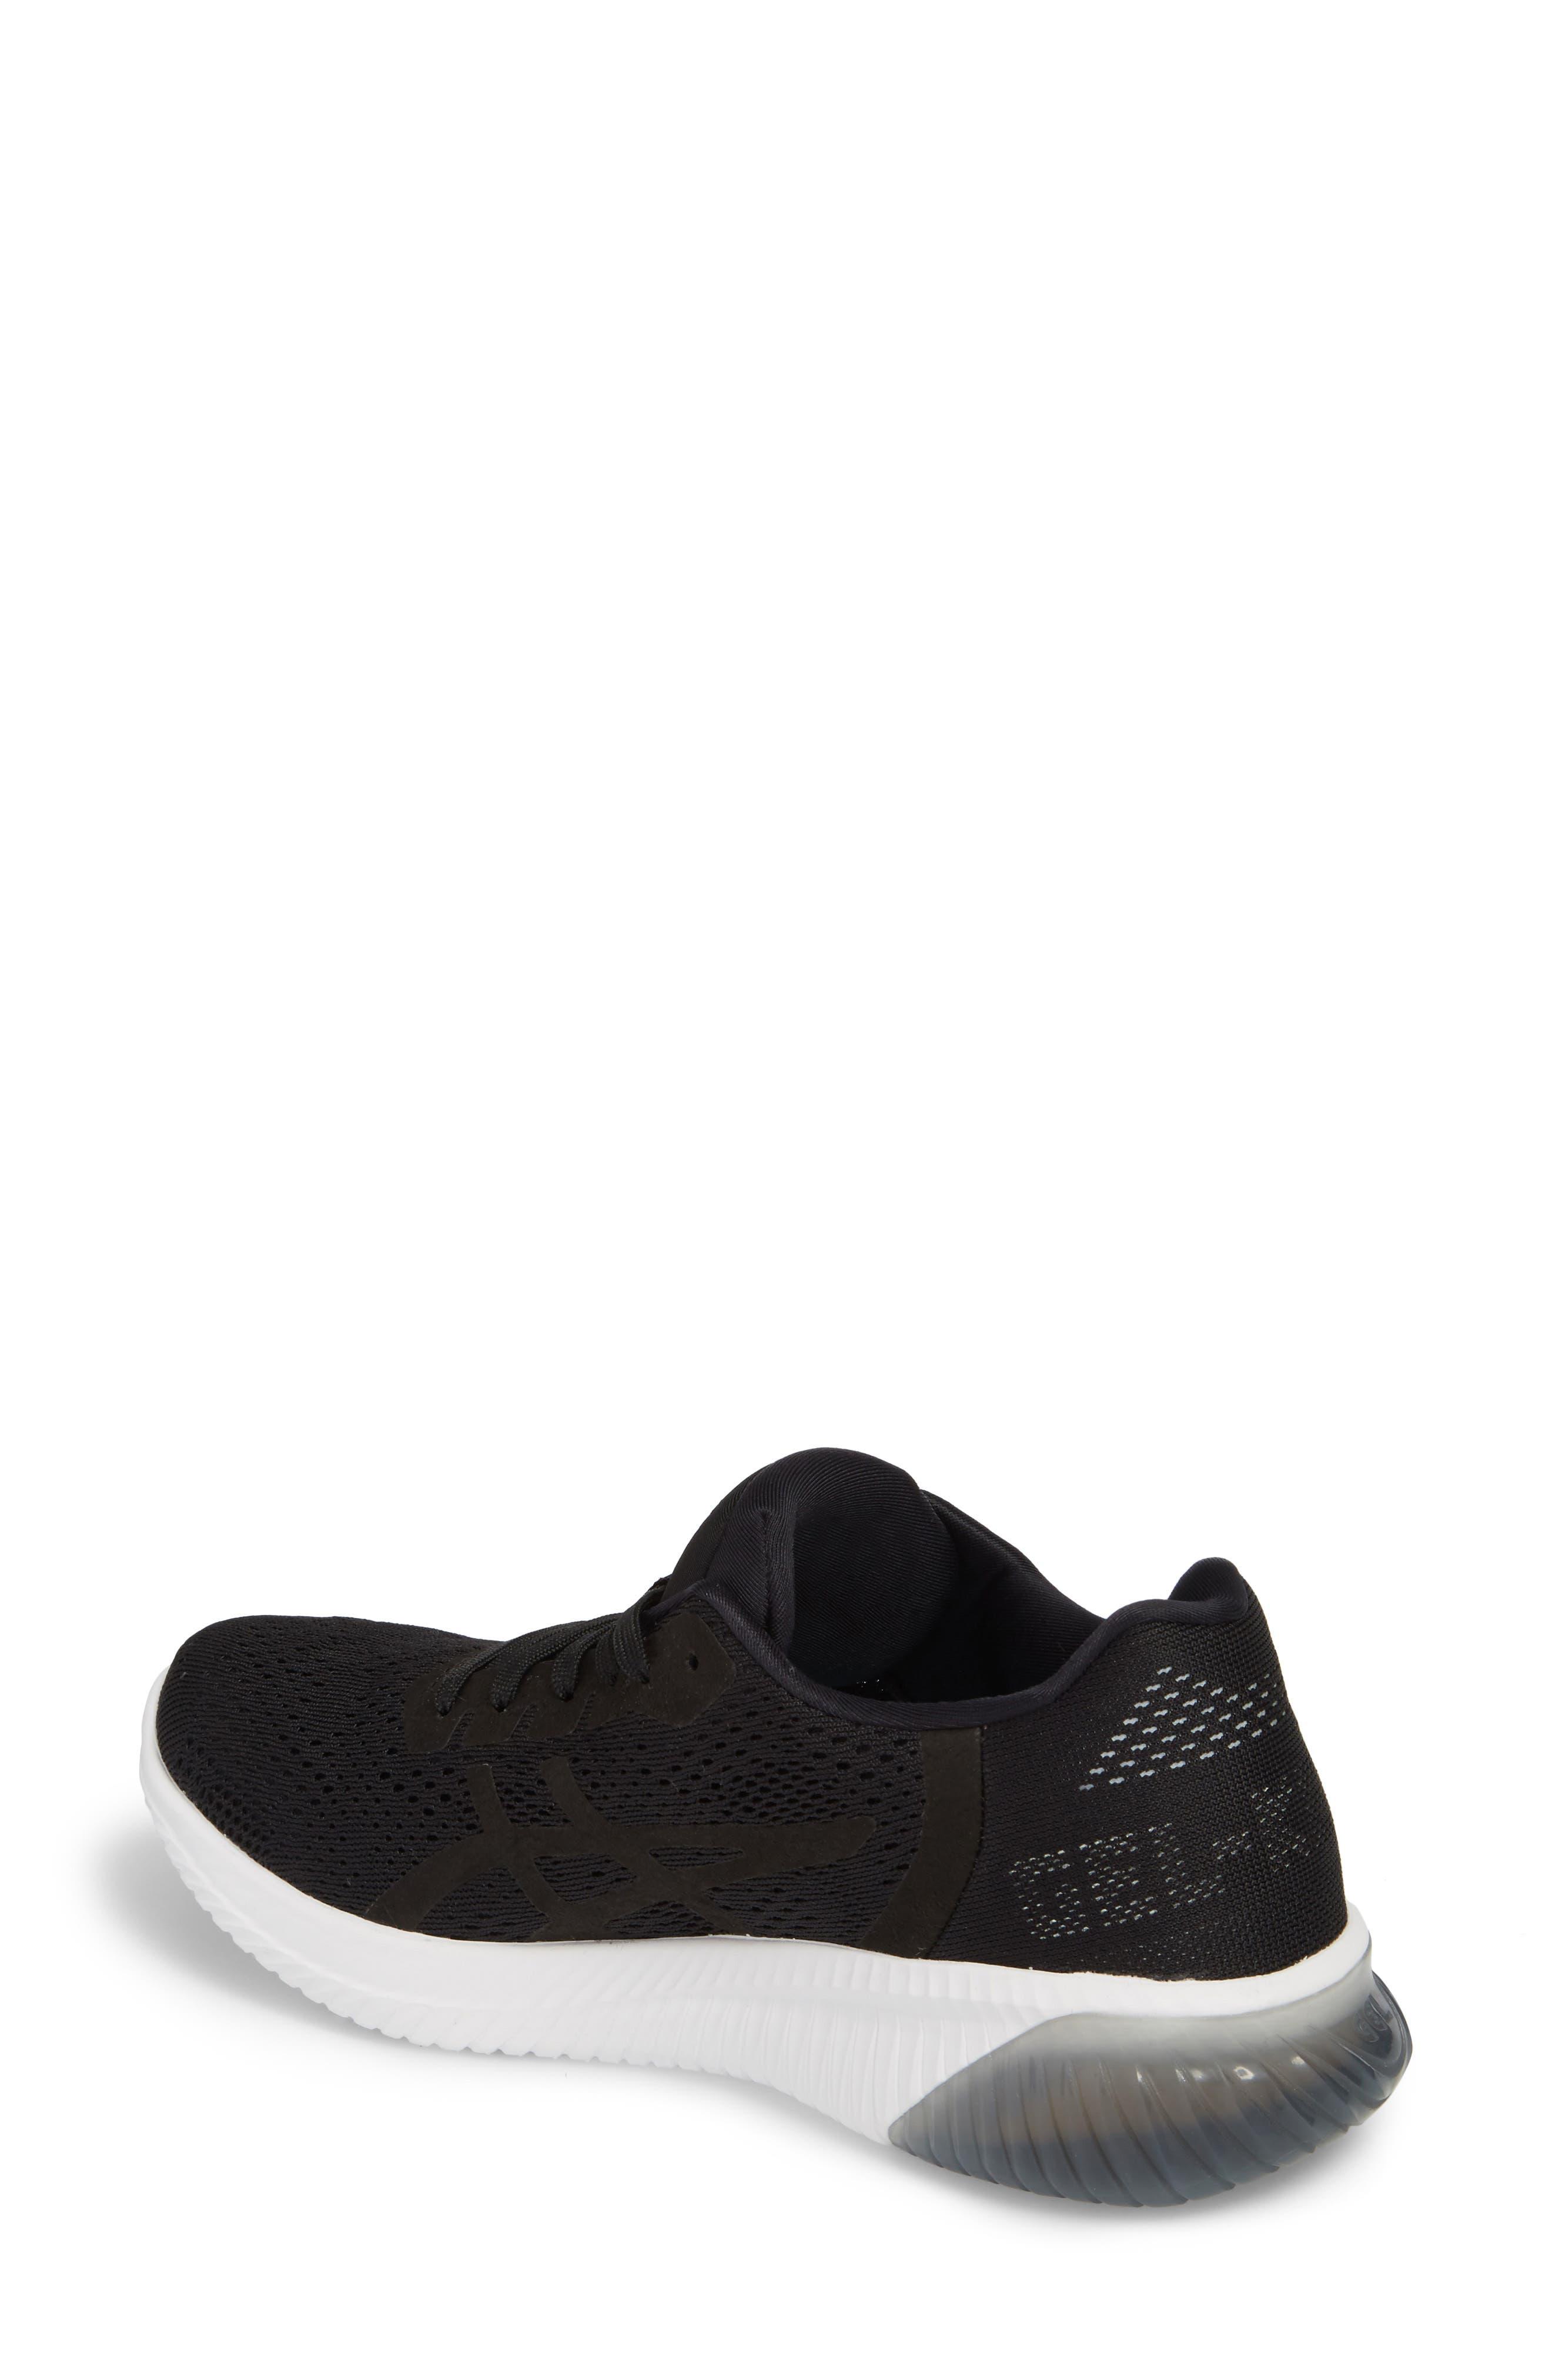 Alternate Image 2  - ASICS® Gel-Kenun Running Shoe (Women)